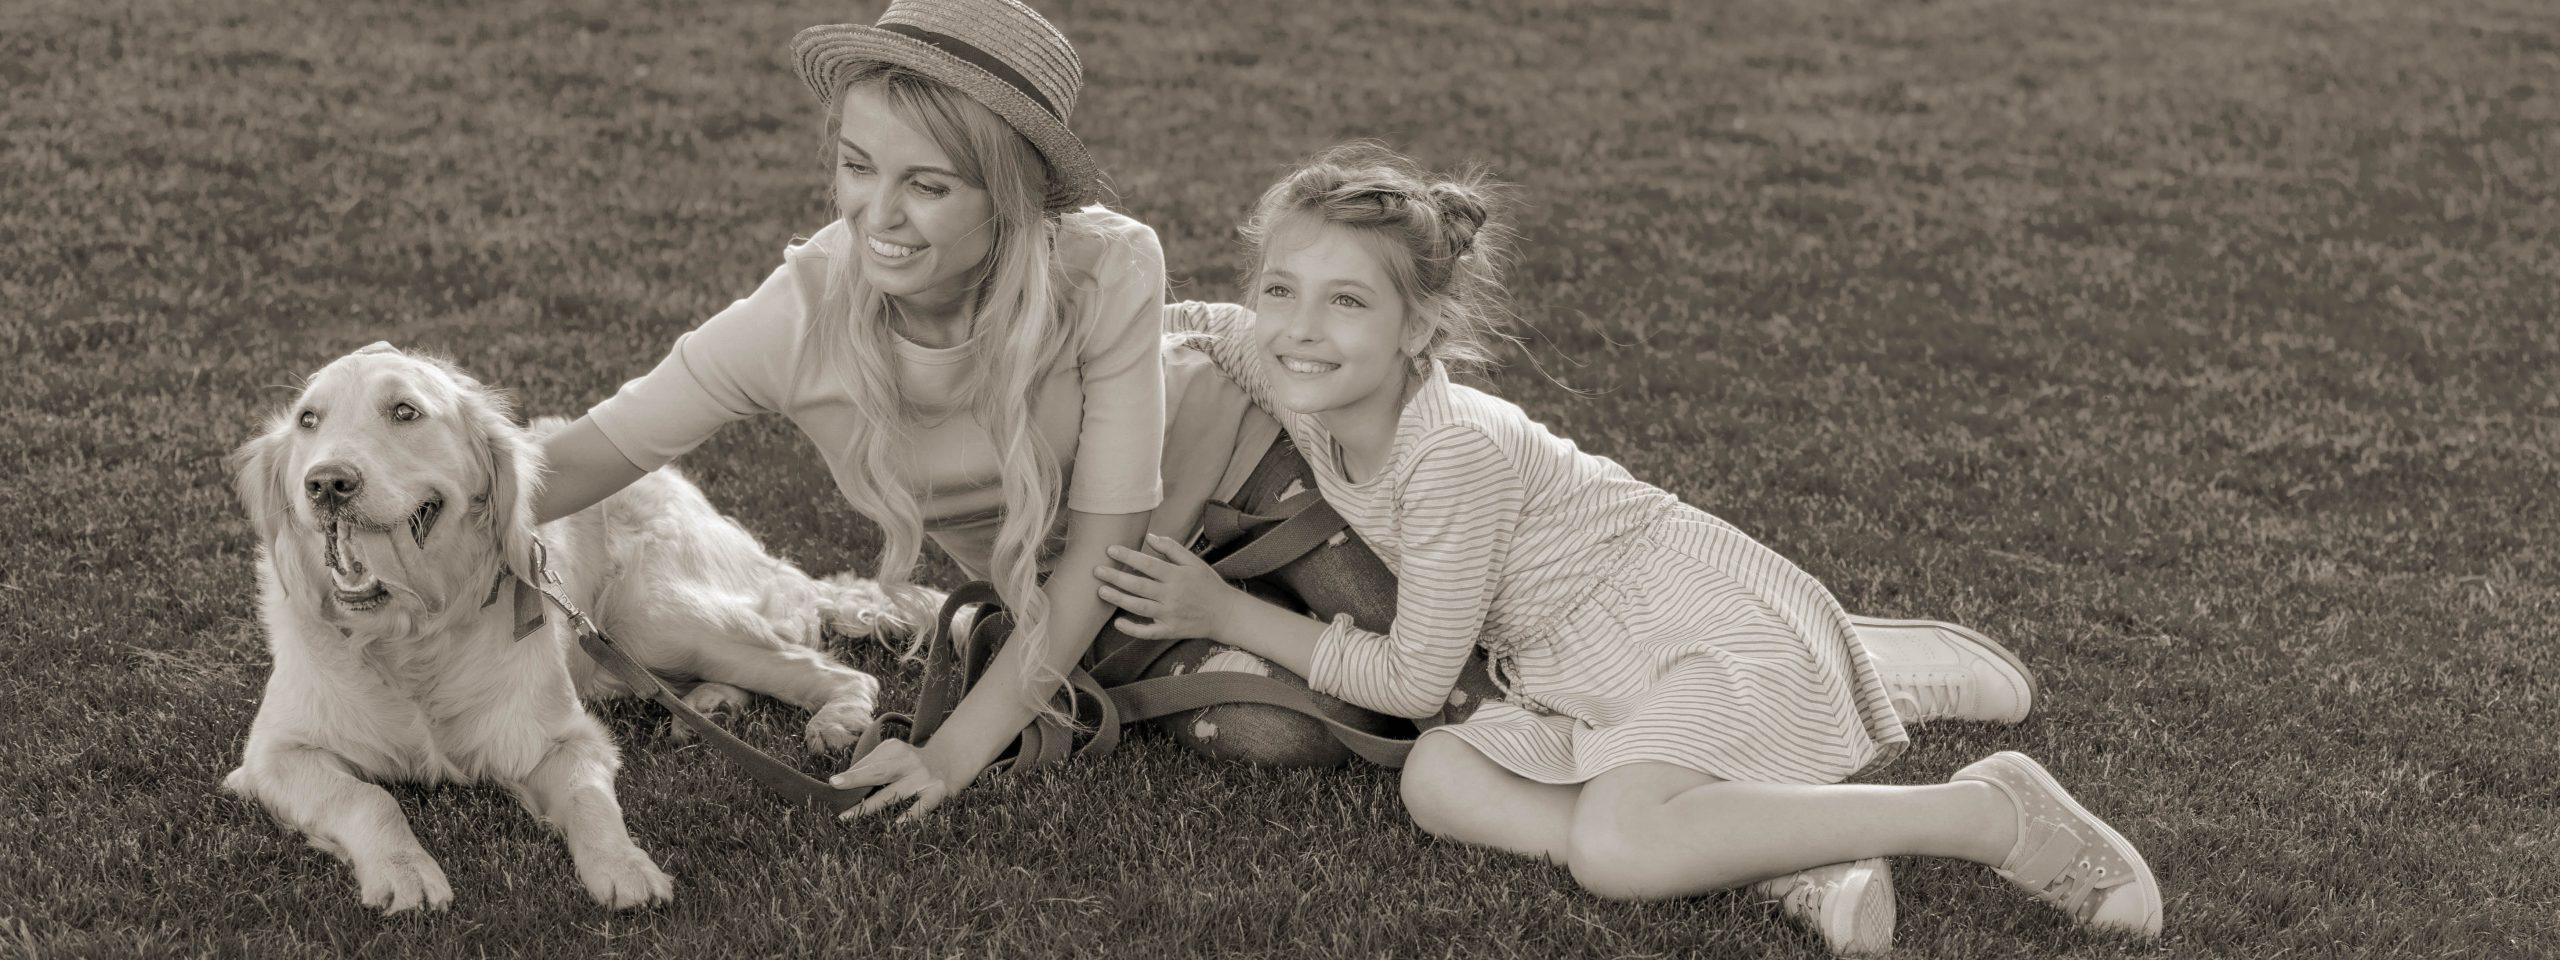 Mutter liegt mit Tochter und Golden strahlend auf einer Wiese